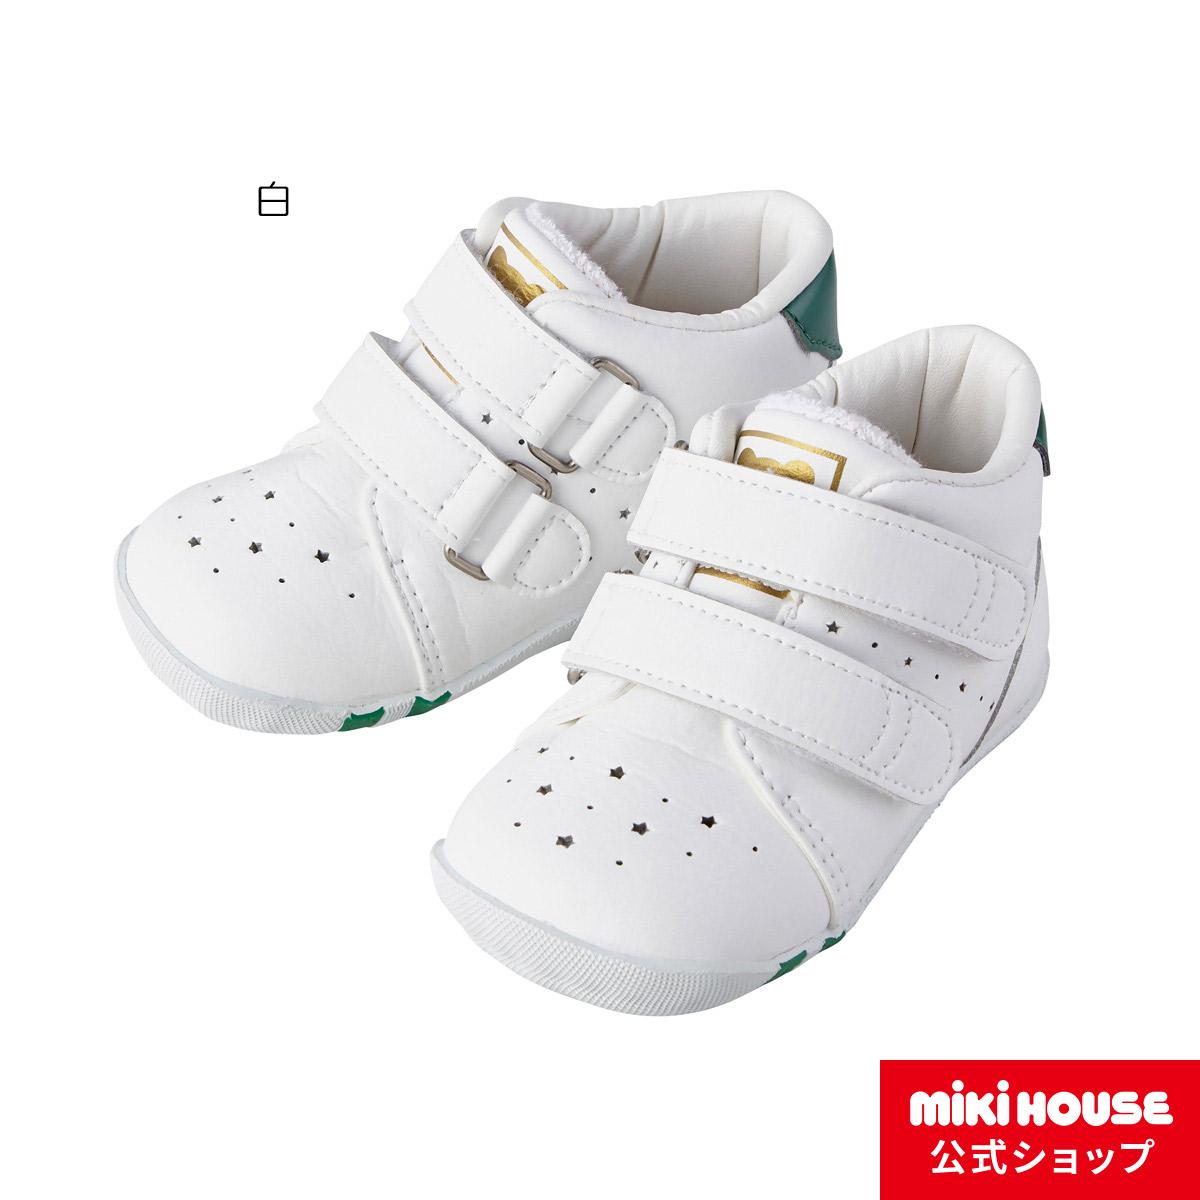 ミキハウス ダブルビー mikihouse ソフトレザーベビーファーストシューズ (11.5cm-13cm)  ベビー 赤ちゃん 男の子 女の子 靴 プレゼント 出産祝い co202102-h